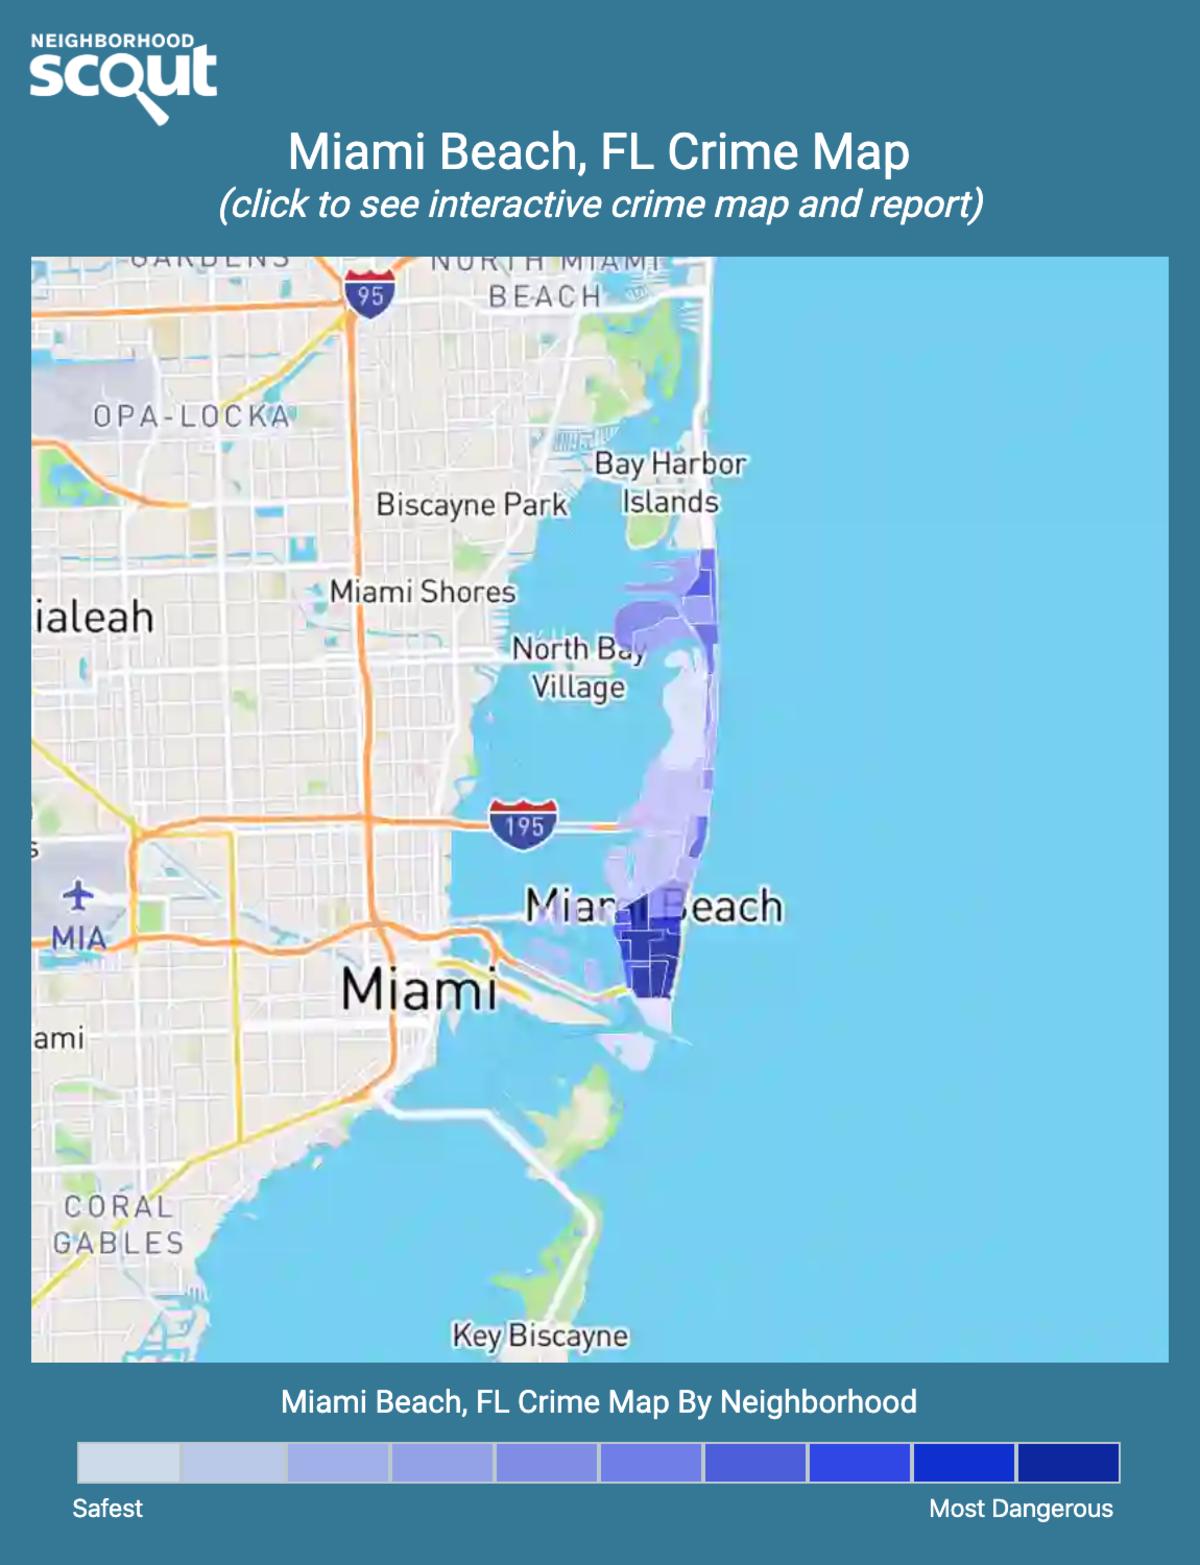 Miami Beach, Florida crime map